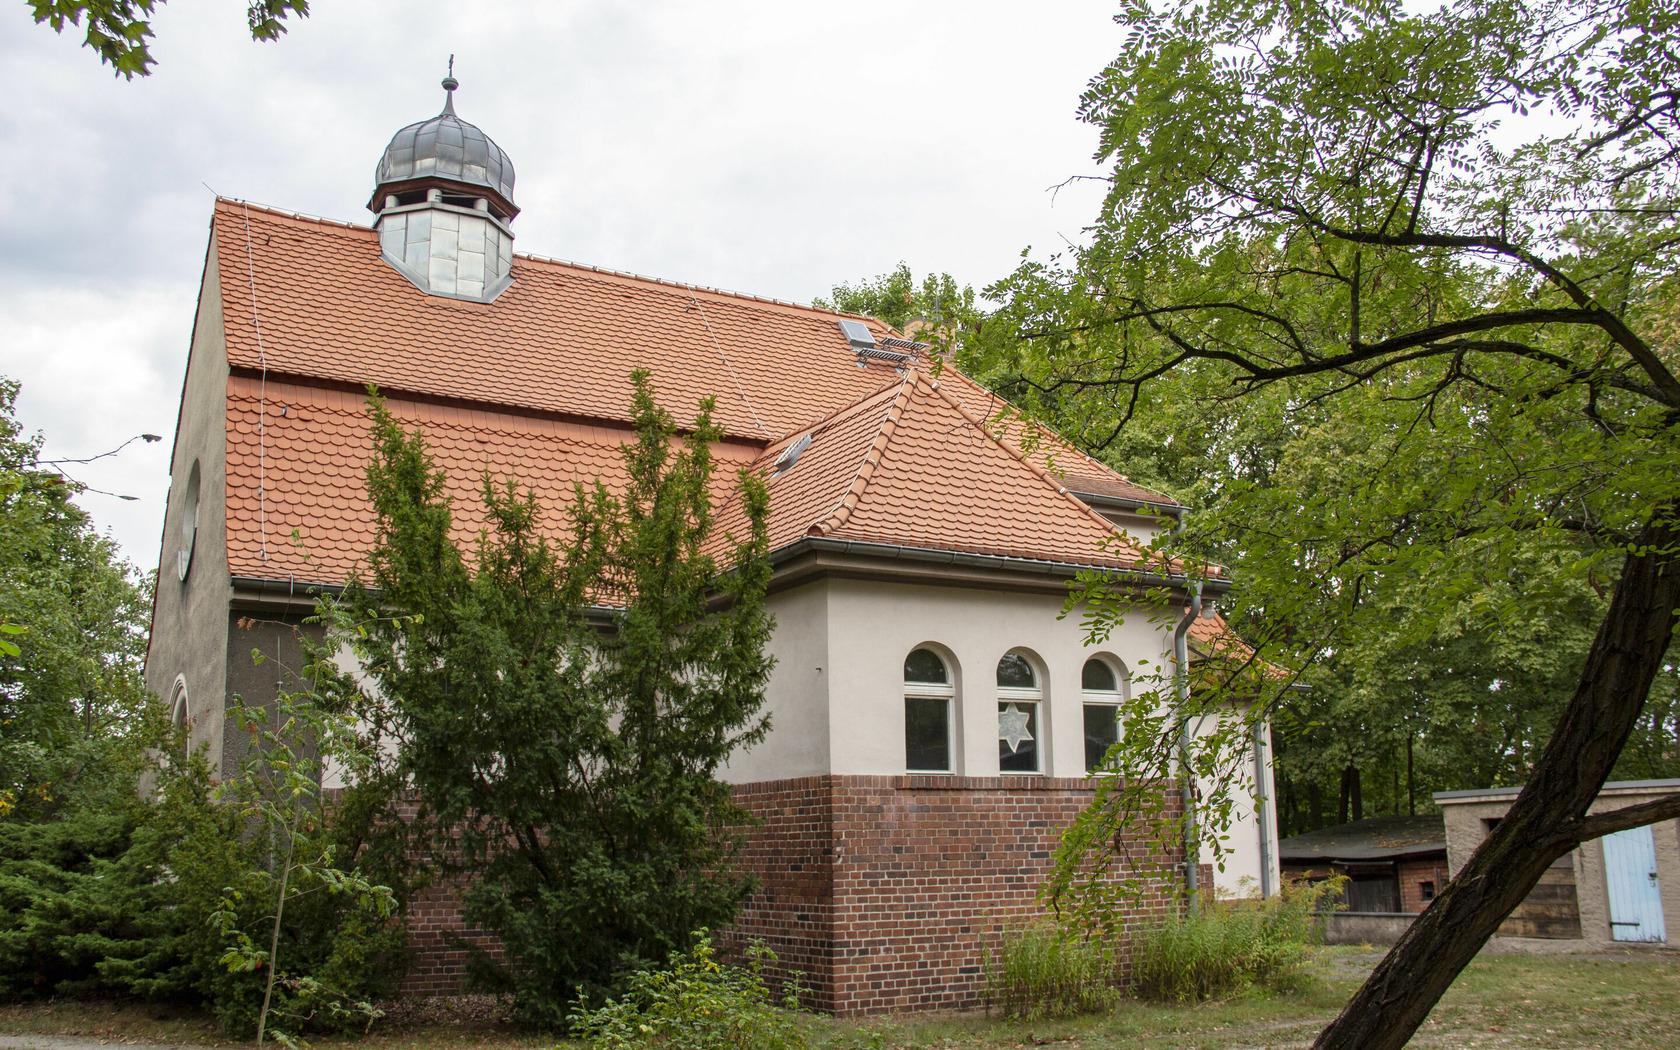 Bergkapelle Guben, Foto: TMB-Fotoarchiv/ScottyScout